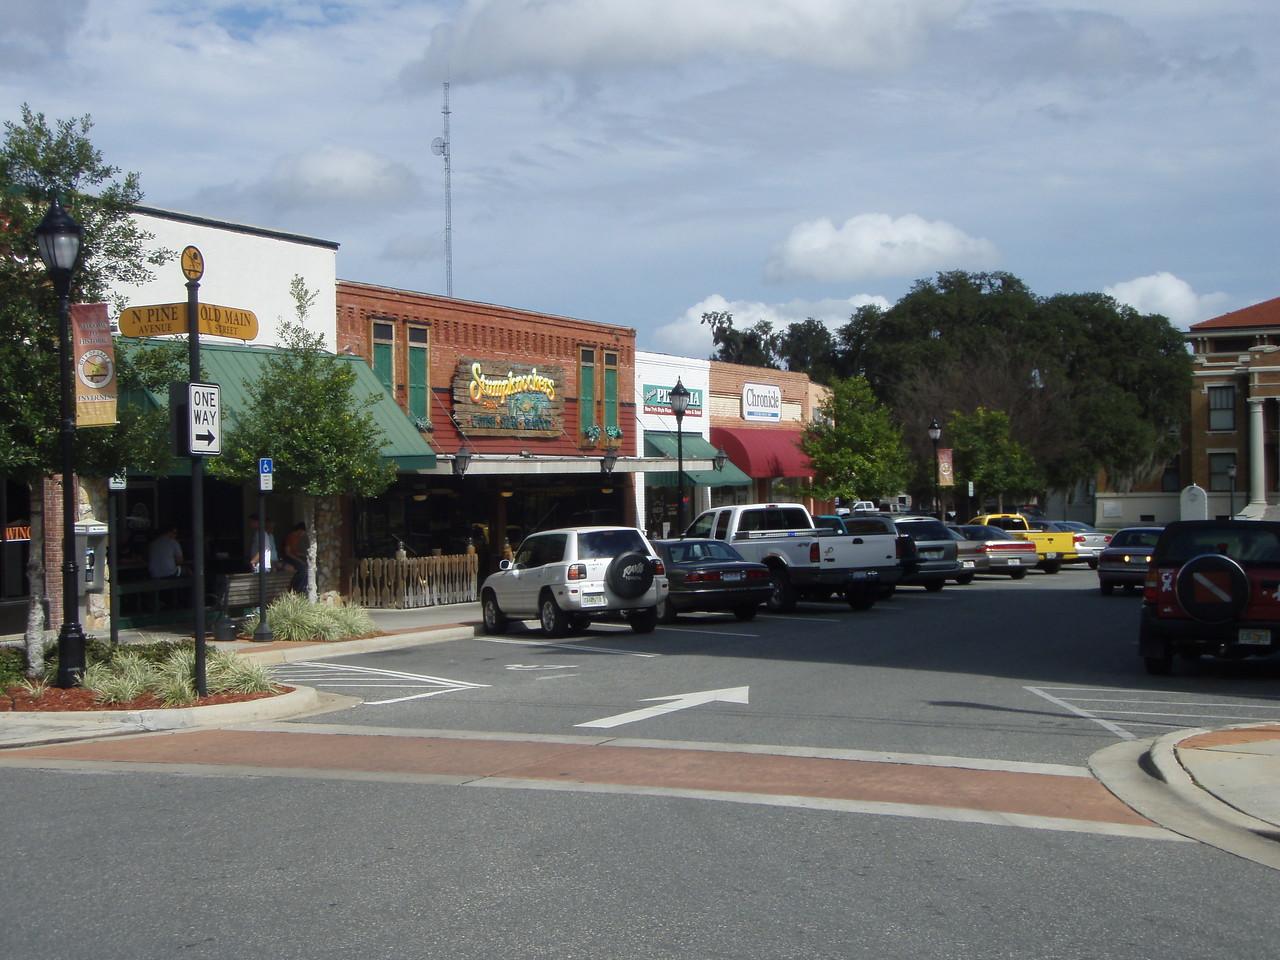 Downtown shops (Deb Blick)